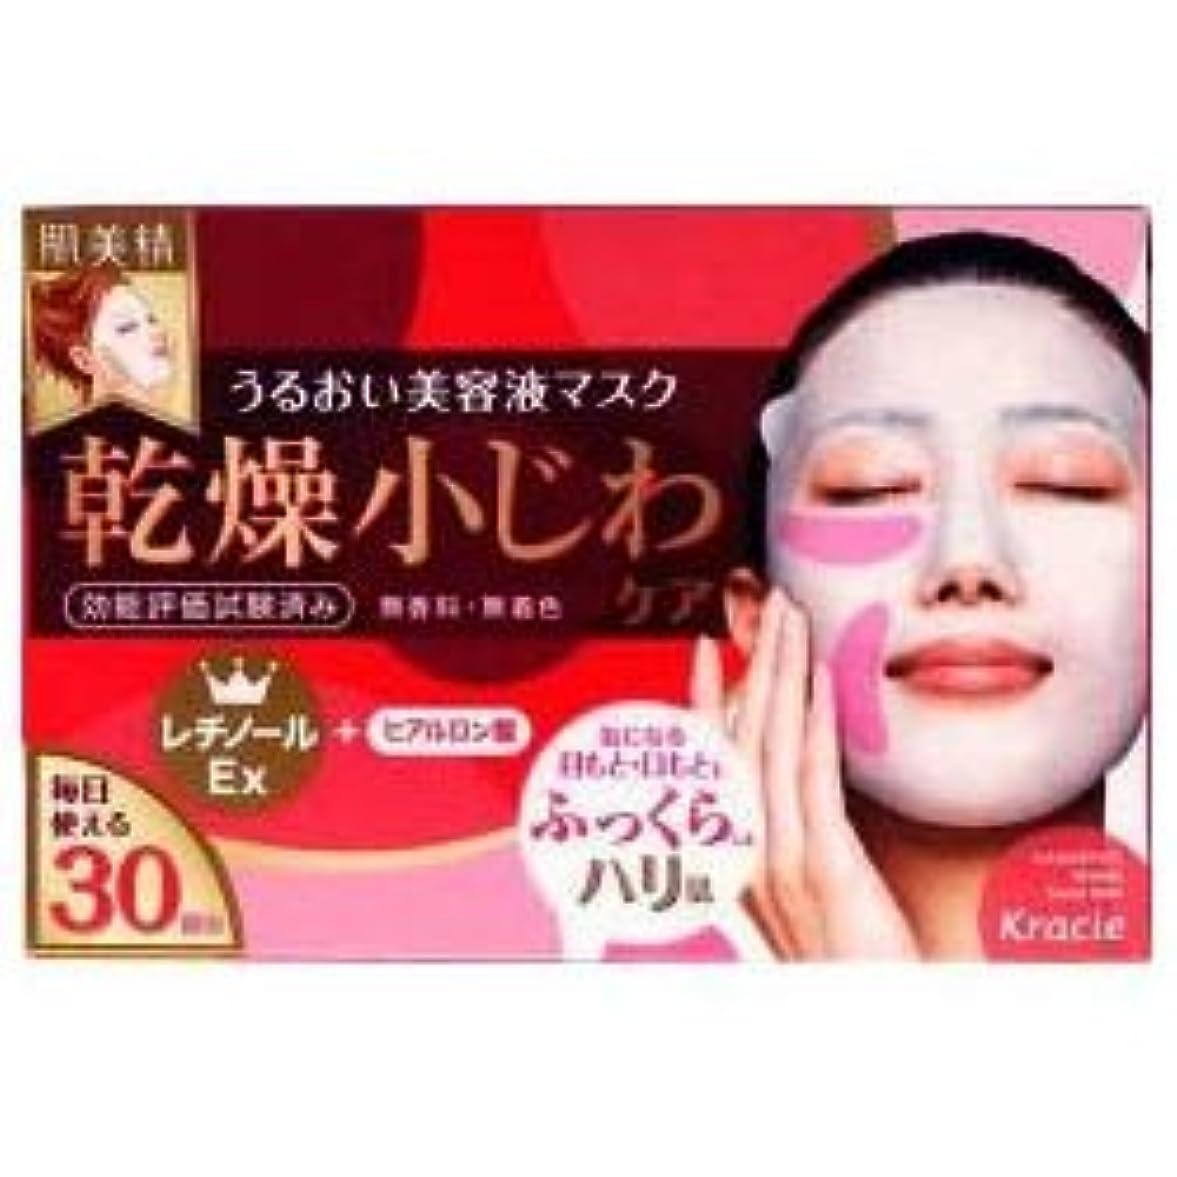 不均一繁殖体【クラシエ】肌美精 デイリーリンクルケア美容液マスク 30枚 ×20個セット